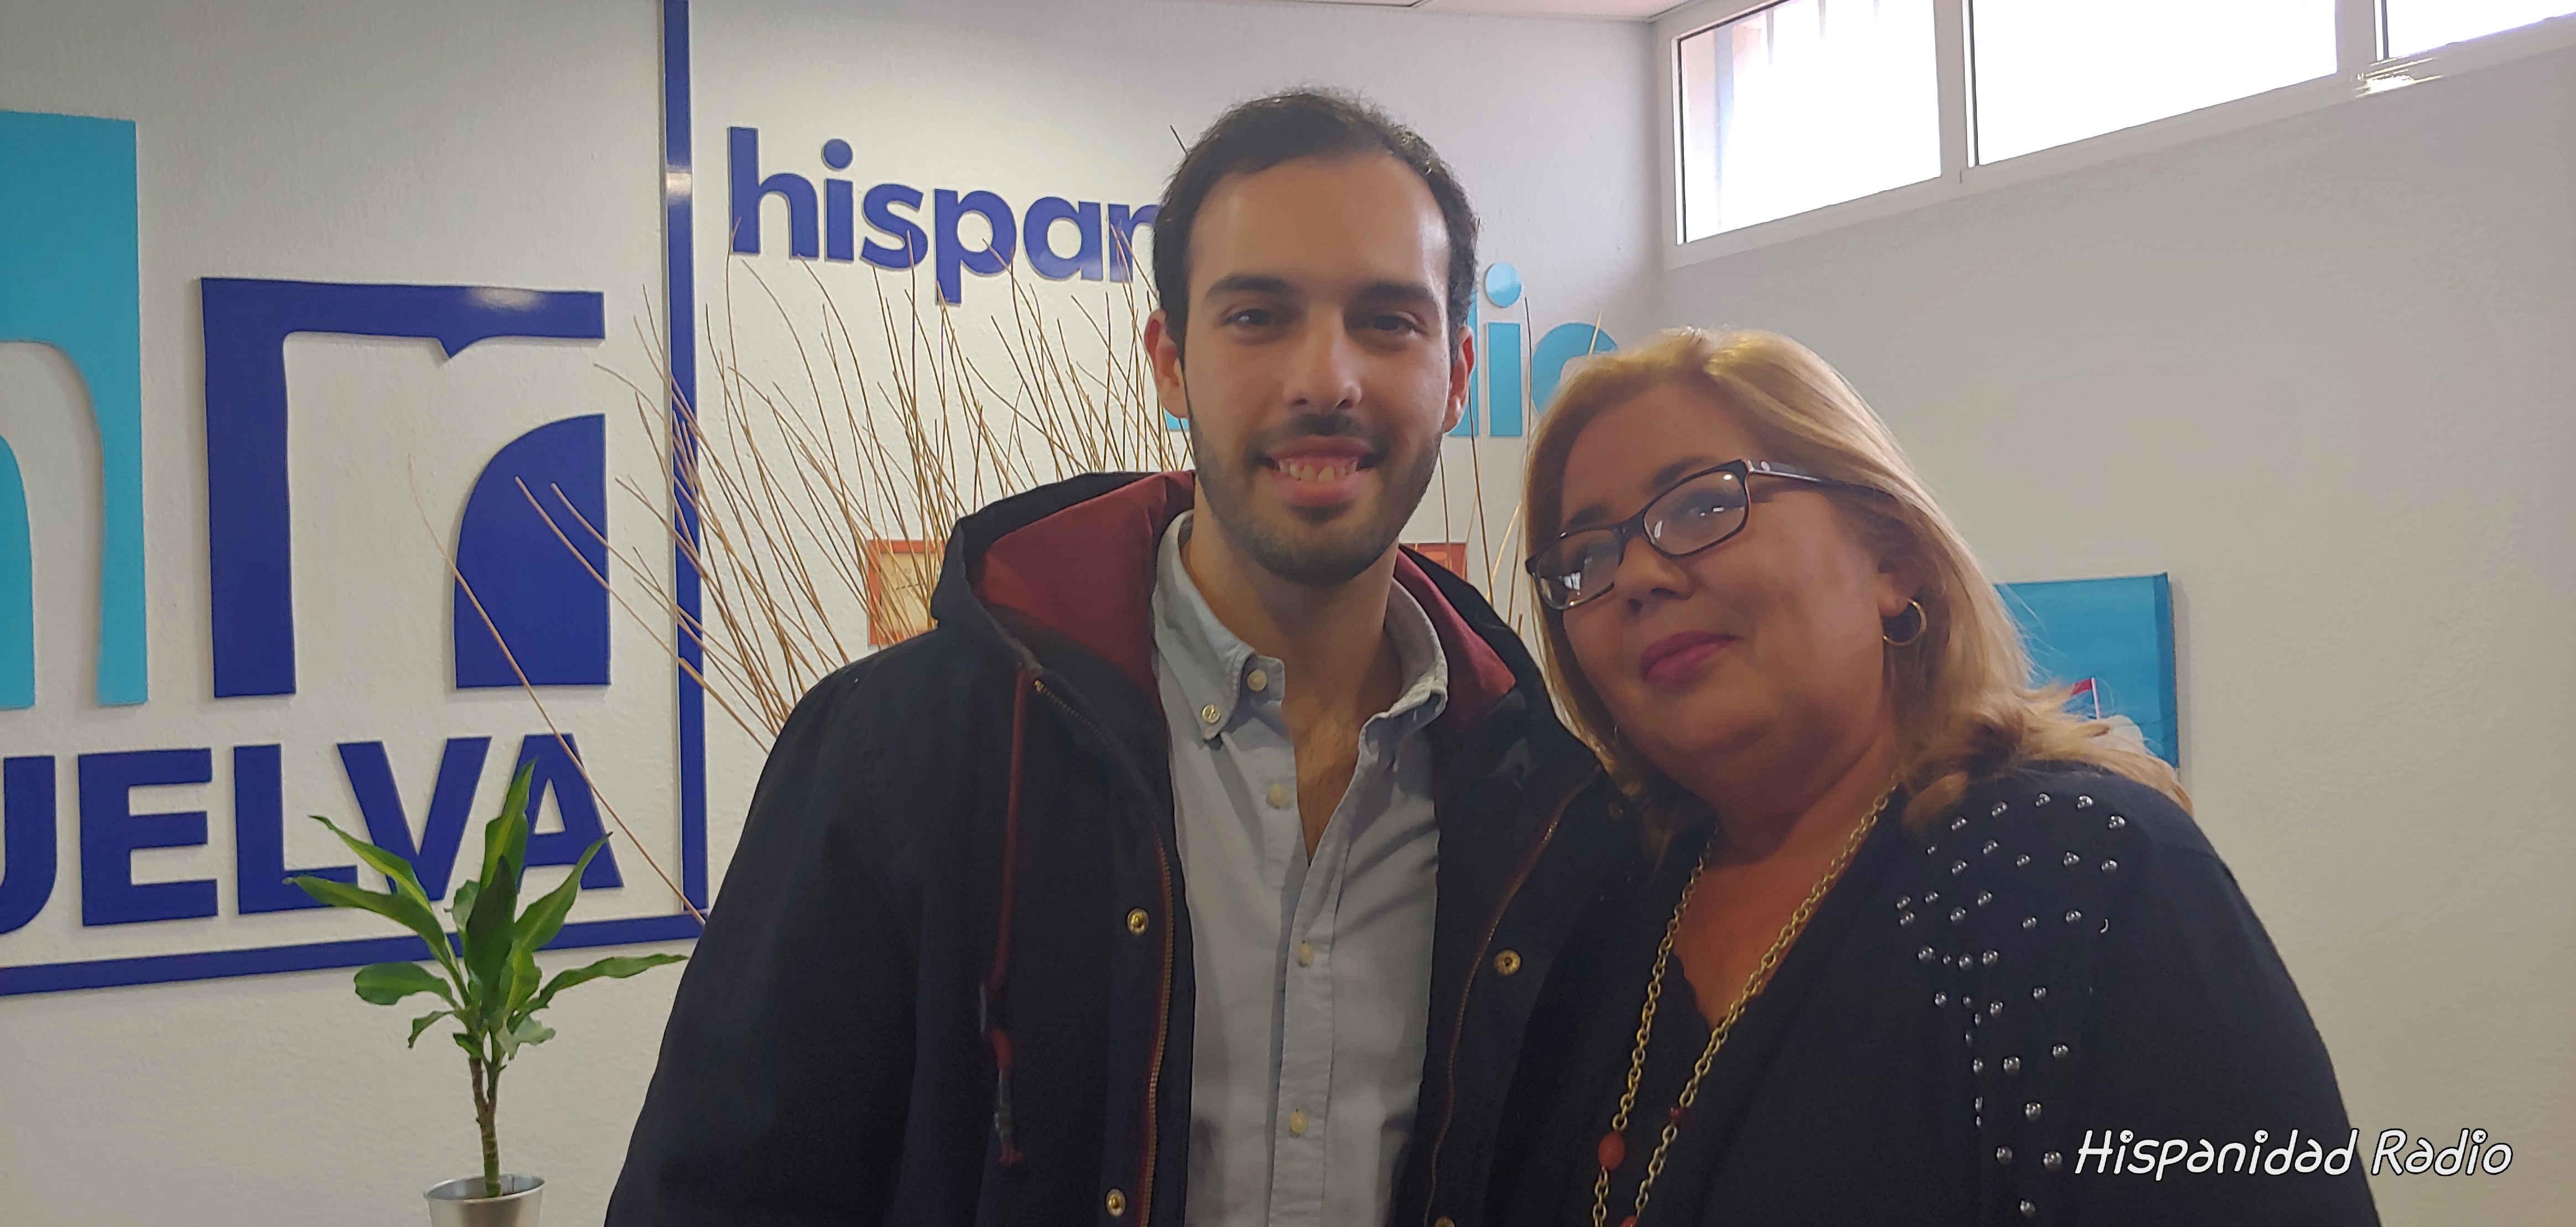 Palmas por Huelva 24-04-2019  Cinta Casillas. Candidata a Hermana Mayor Romería 2020 Hermandad del Rocio de Huelva